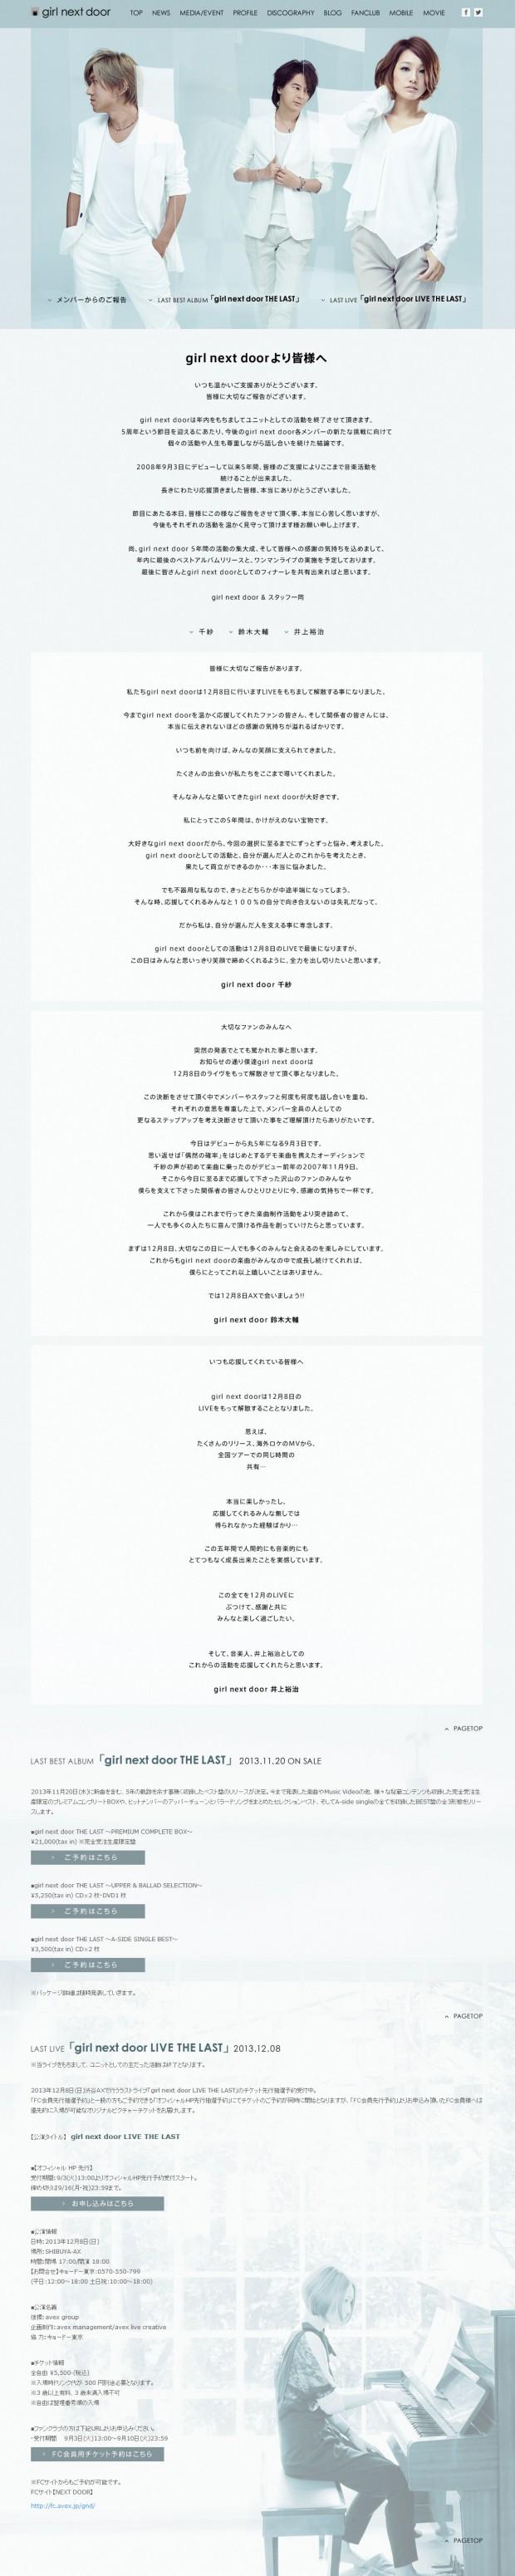 girl next door official site - 解散コメント全文